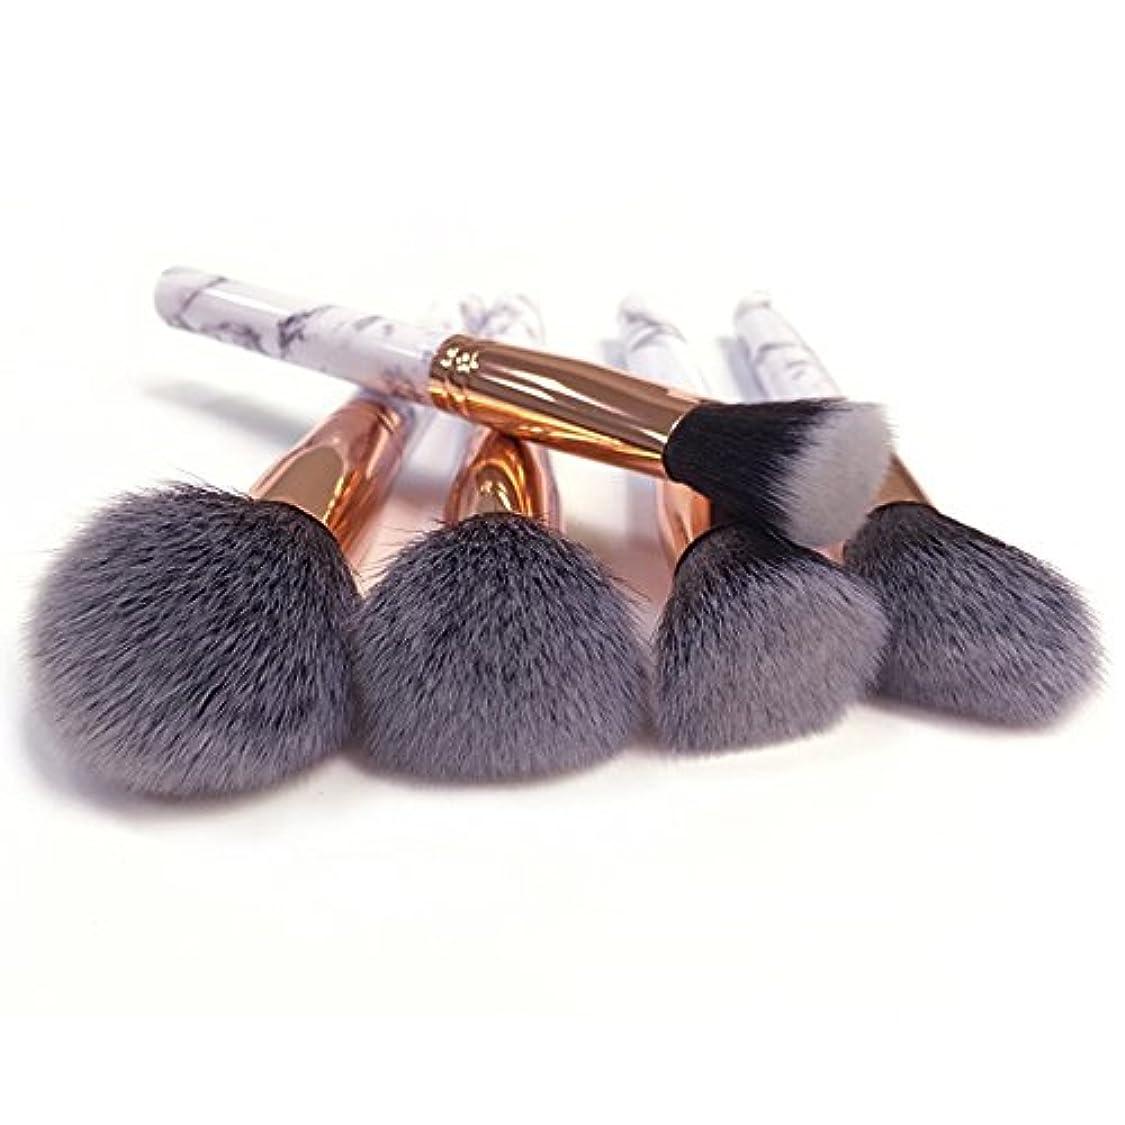 ニュージーランド多様体意図Akane 10本 大理石紋 超気質的 セート 多機能 柔らかい たっぷり 高級 優雅 綺麗 魅力 上等な使用感 激安 日常 仕事 おしゃれ Makeup Brush メイクアップブラシ